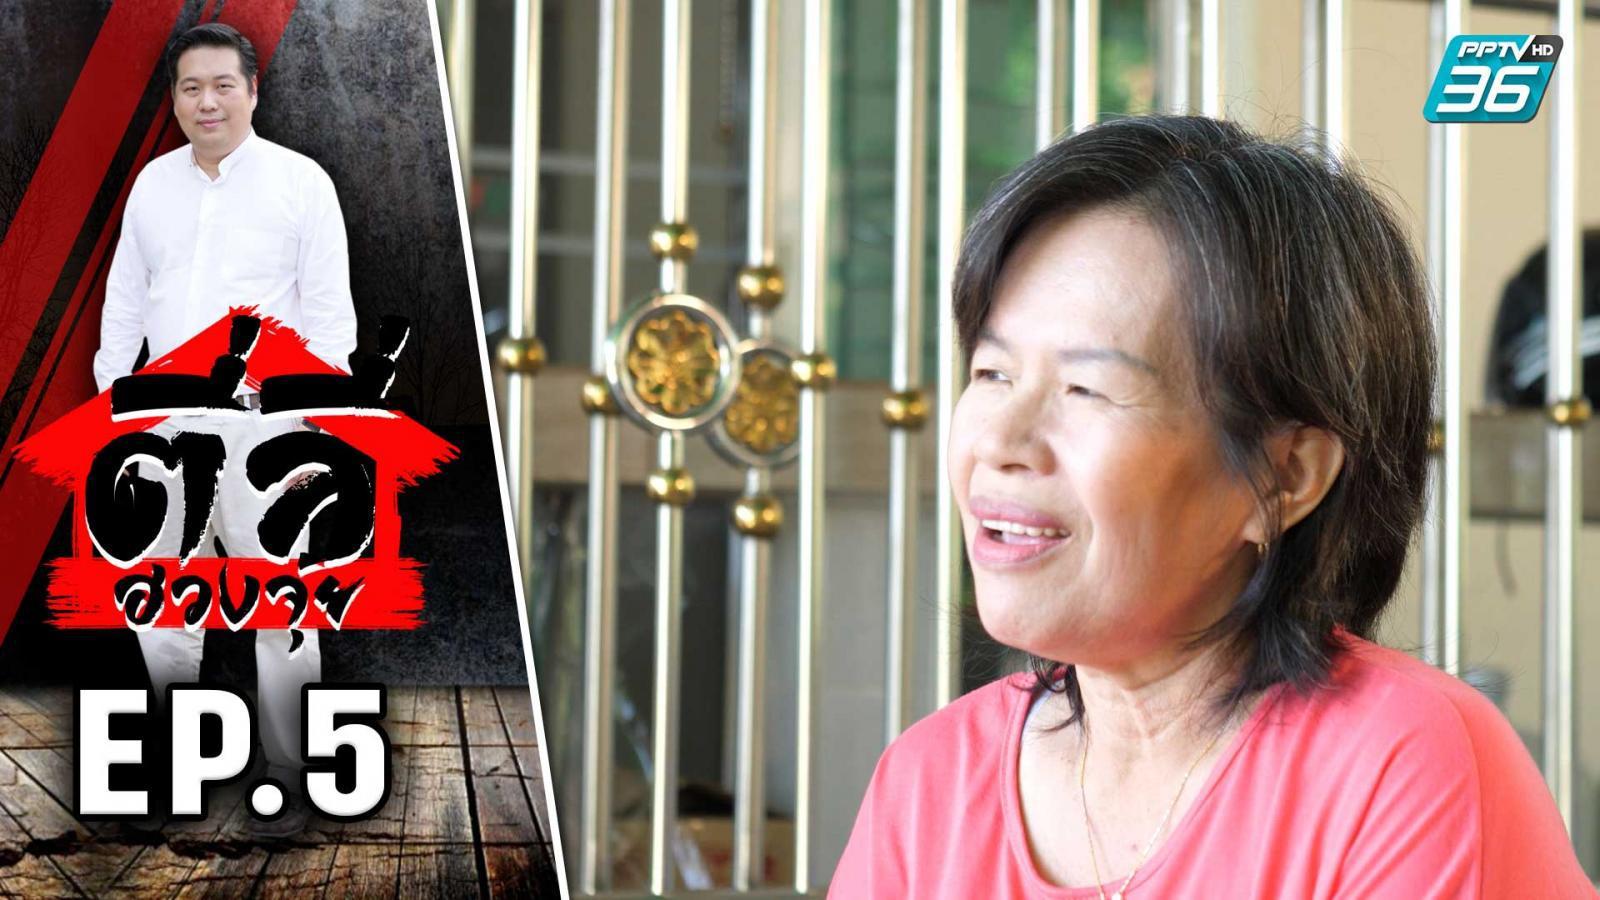 ตี่ลี่ฮวงจุ้ย | ตอน ชีวิตของผู้หญิงและสามีสู้ชีวิต EP.5 | PPTV HD 36